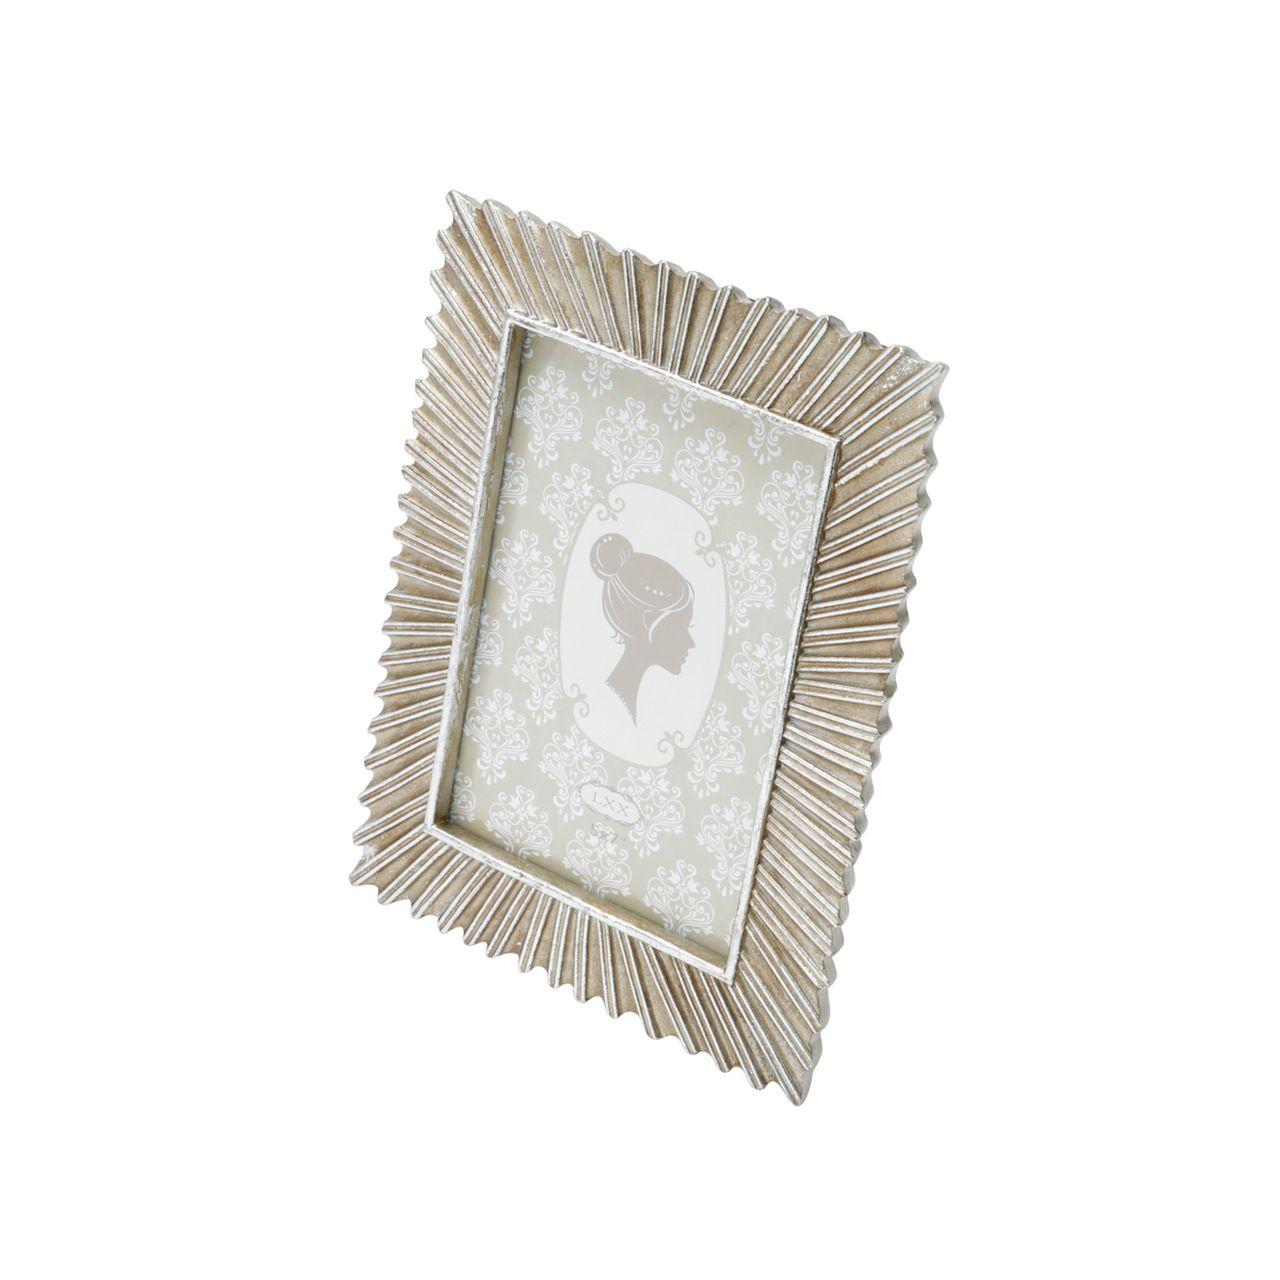 Porta Retrato de Metal Rustico 10x15cm